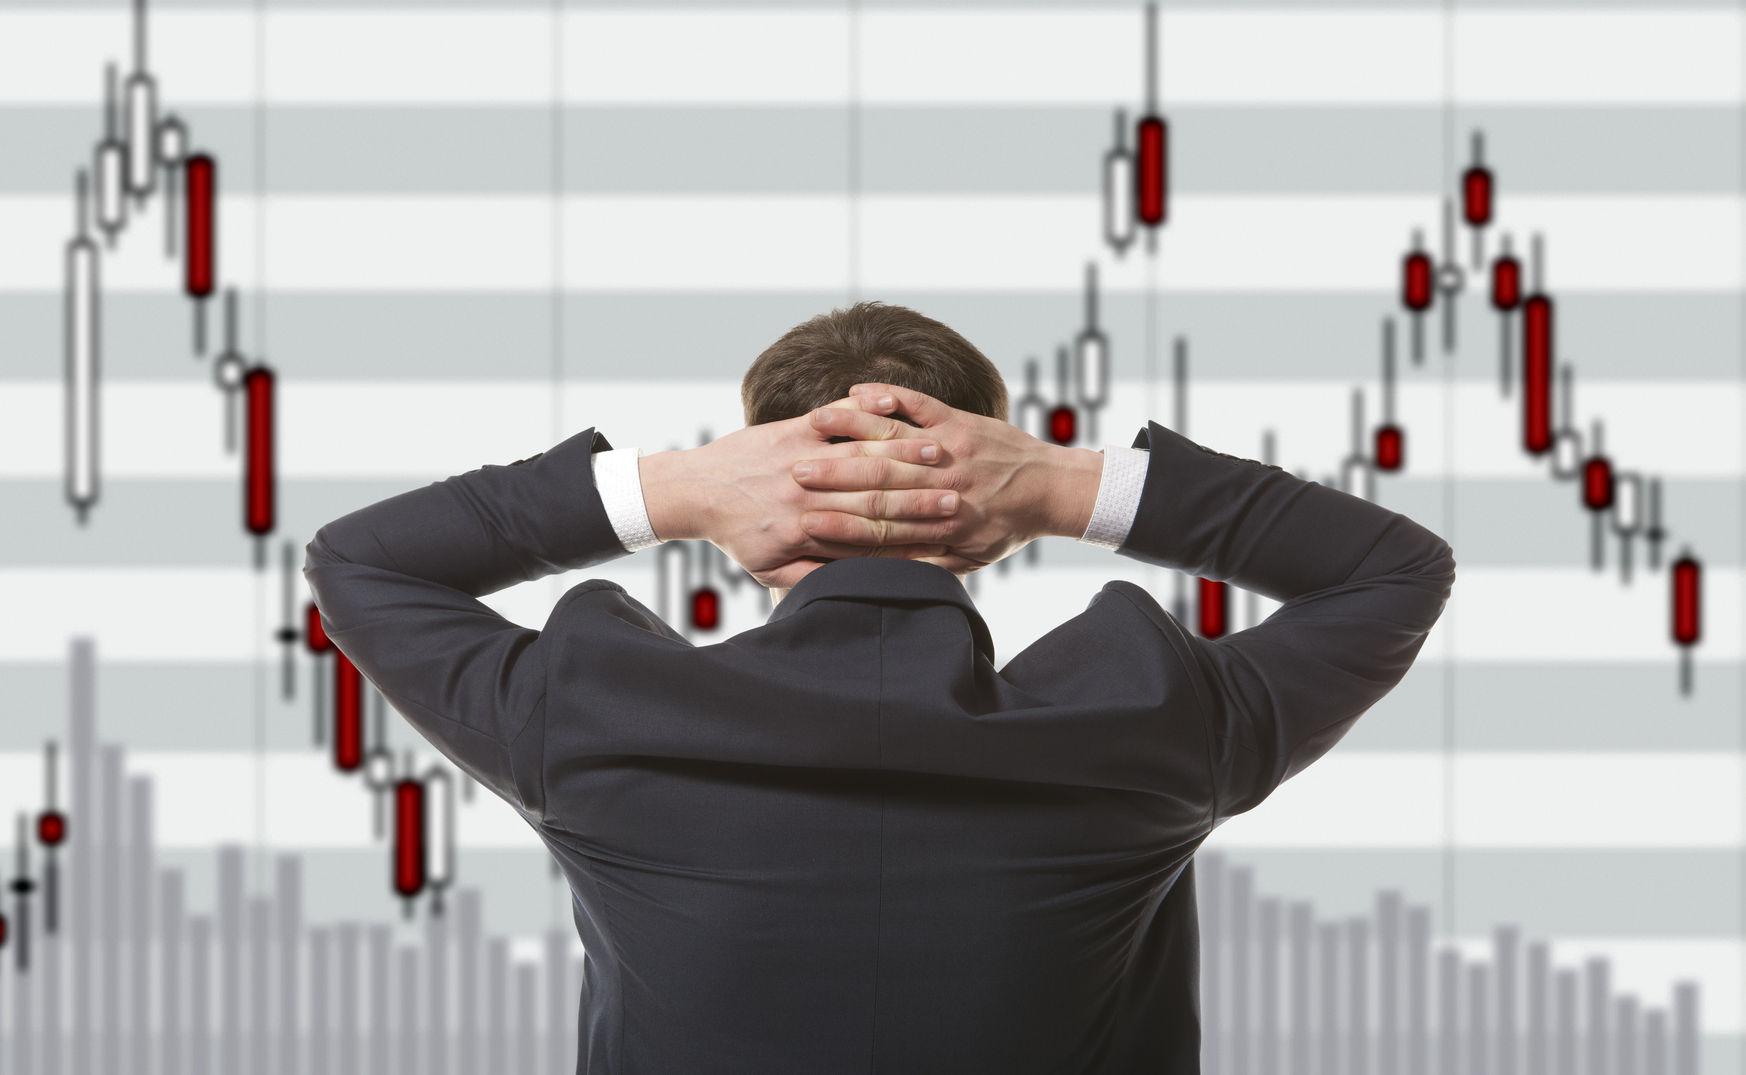 stock trader looking at monitors